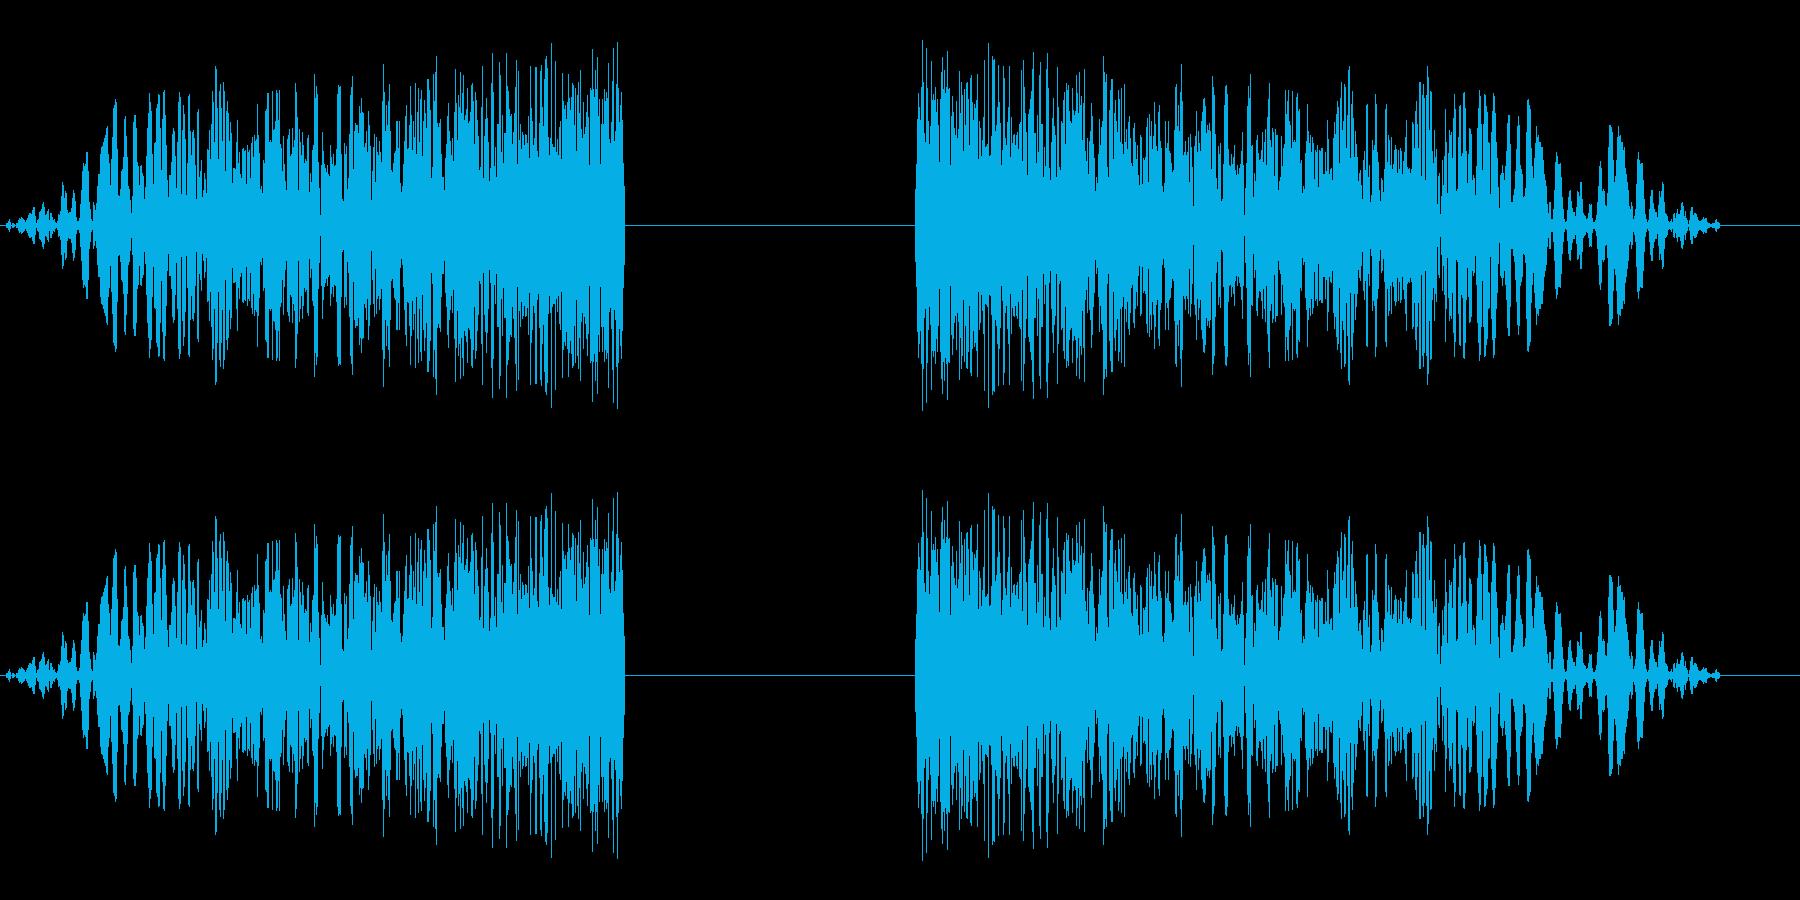 シュワーンシューン(風の音)の再生済みの波形